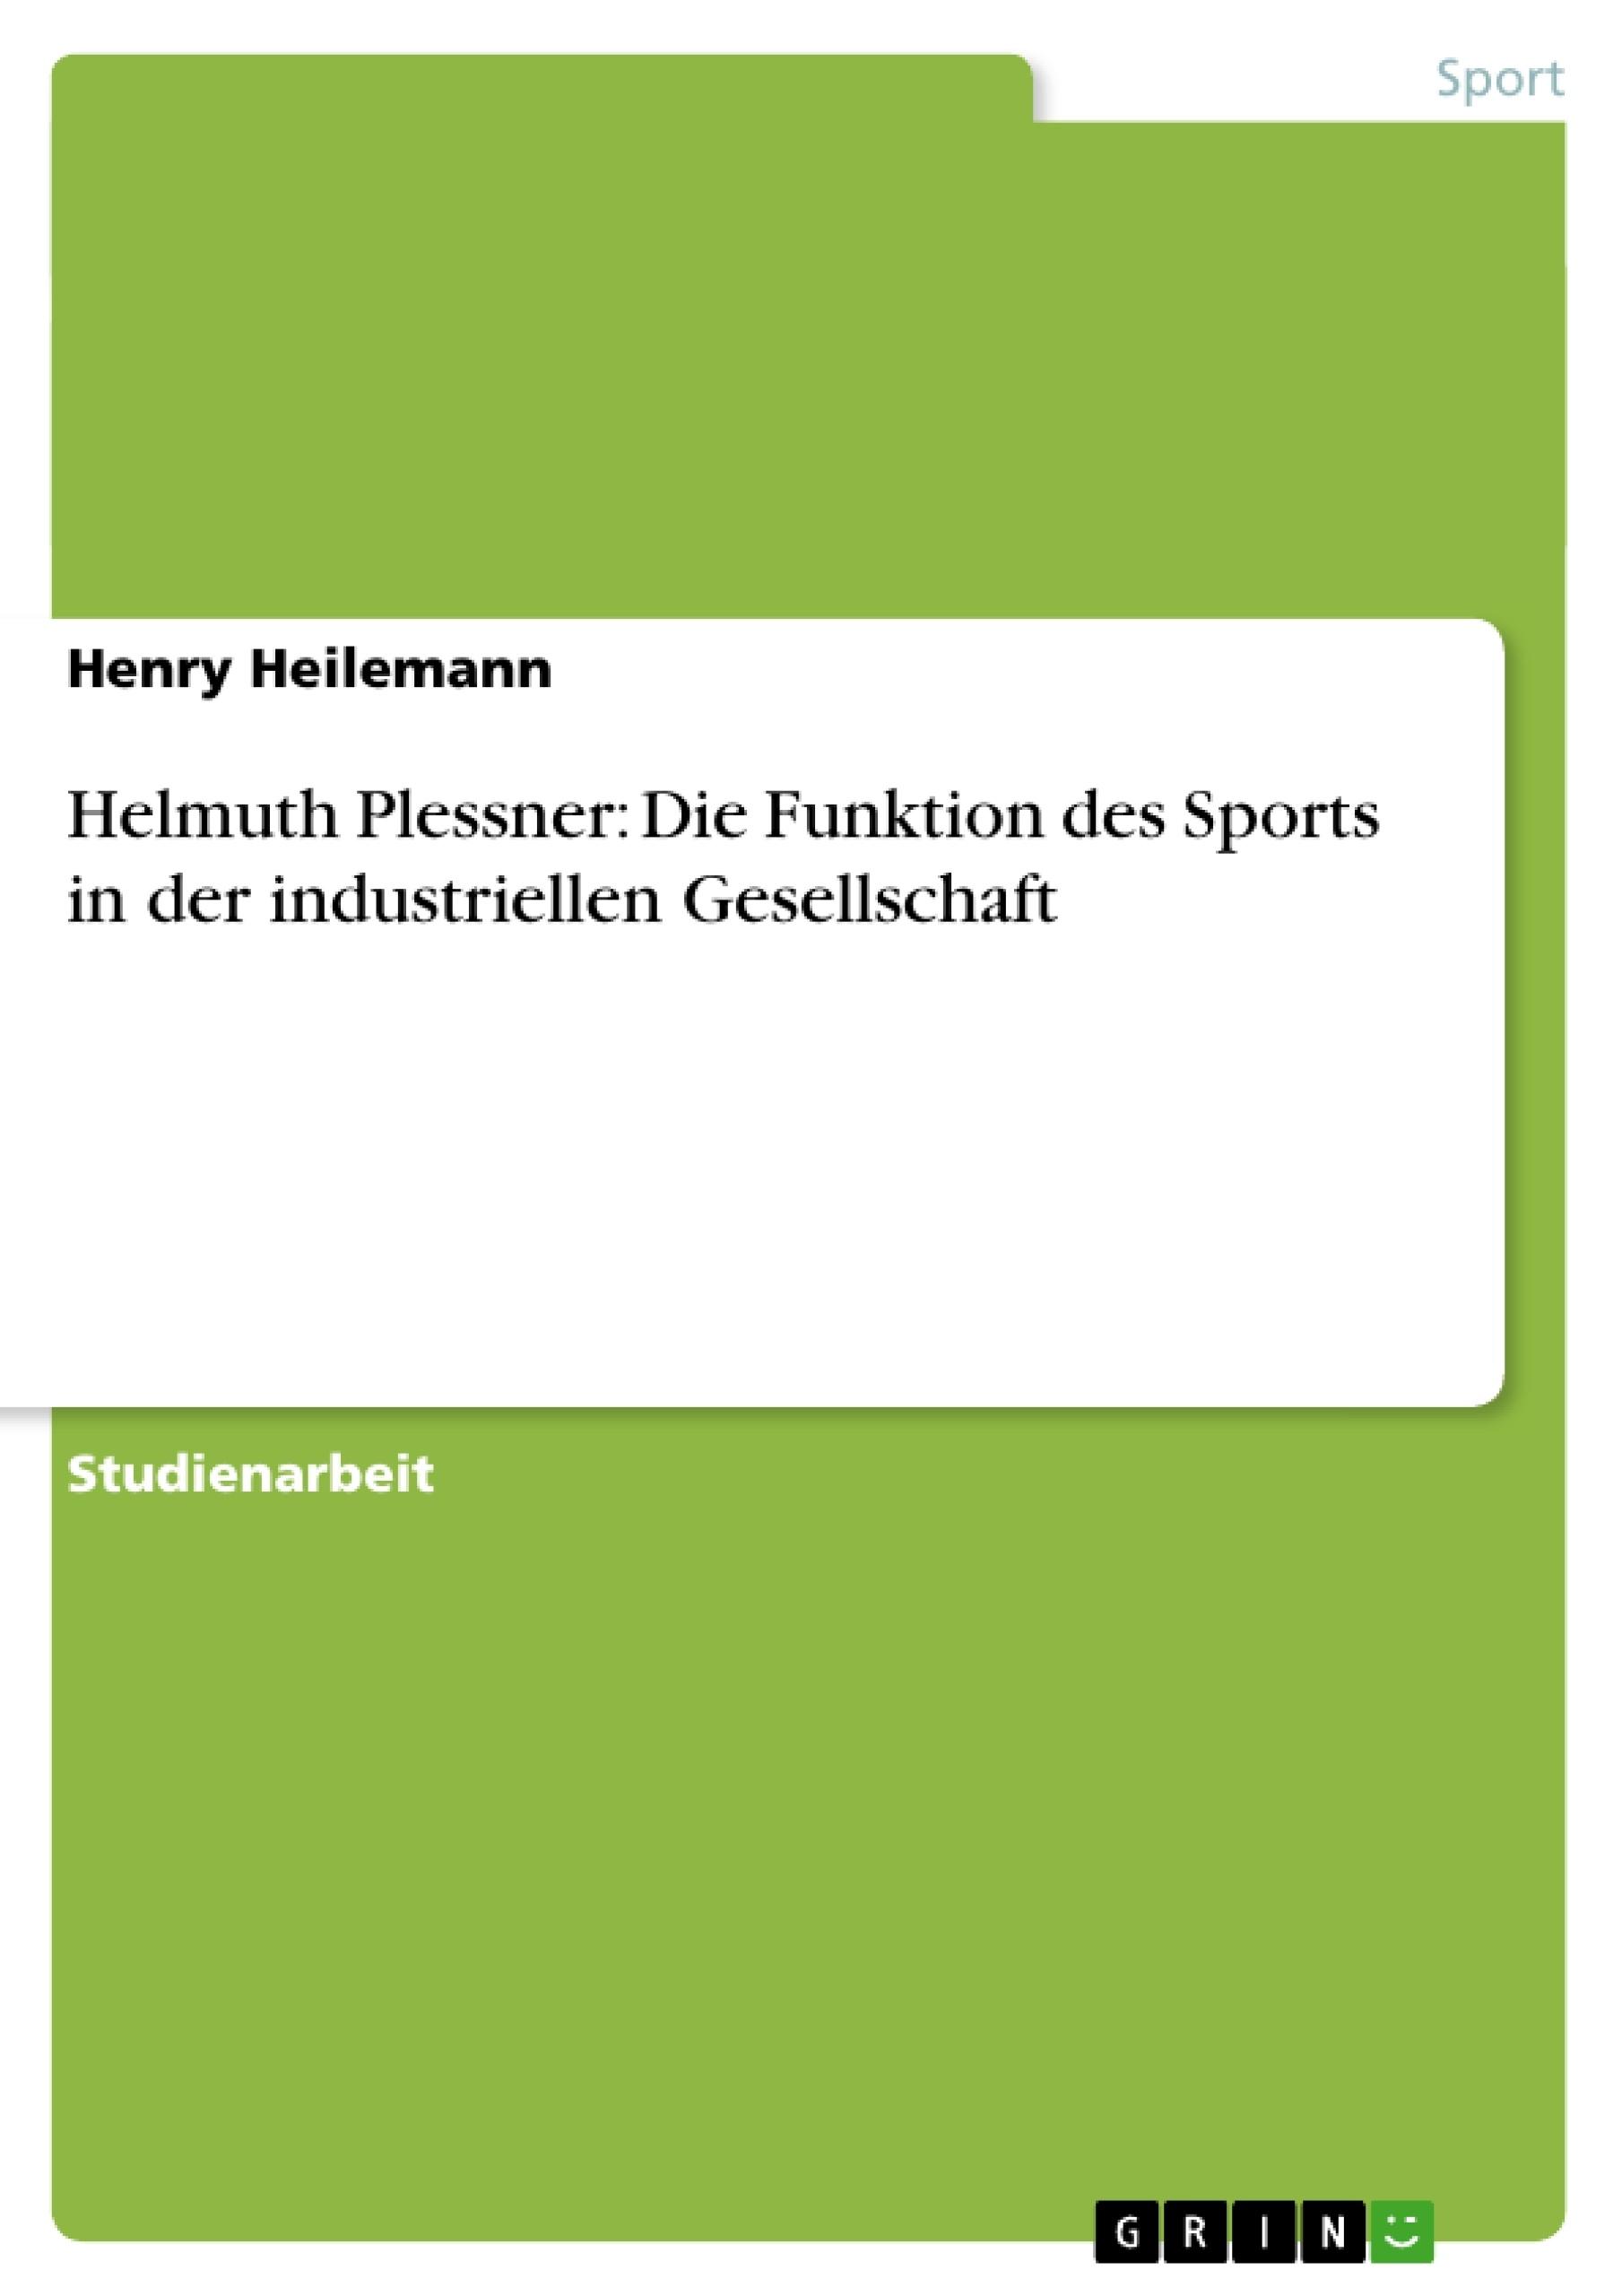 Titel: Helmuth Plessner: Die Funktion des Sports in der industriellen Gesellschaft